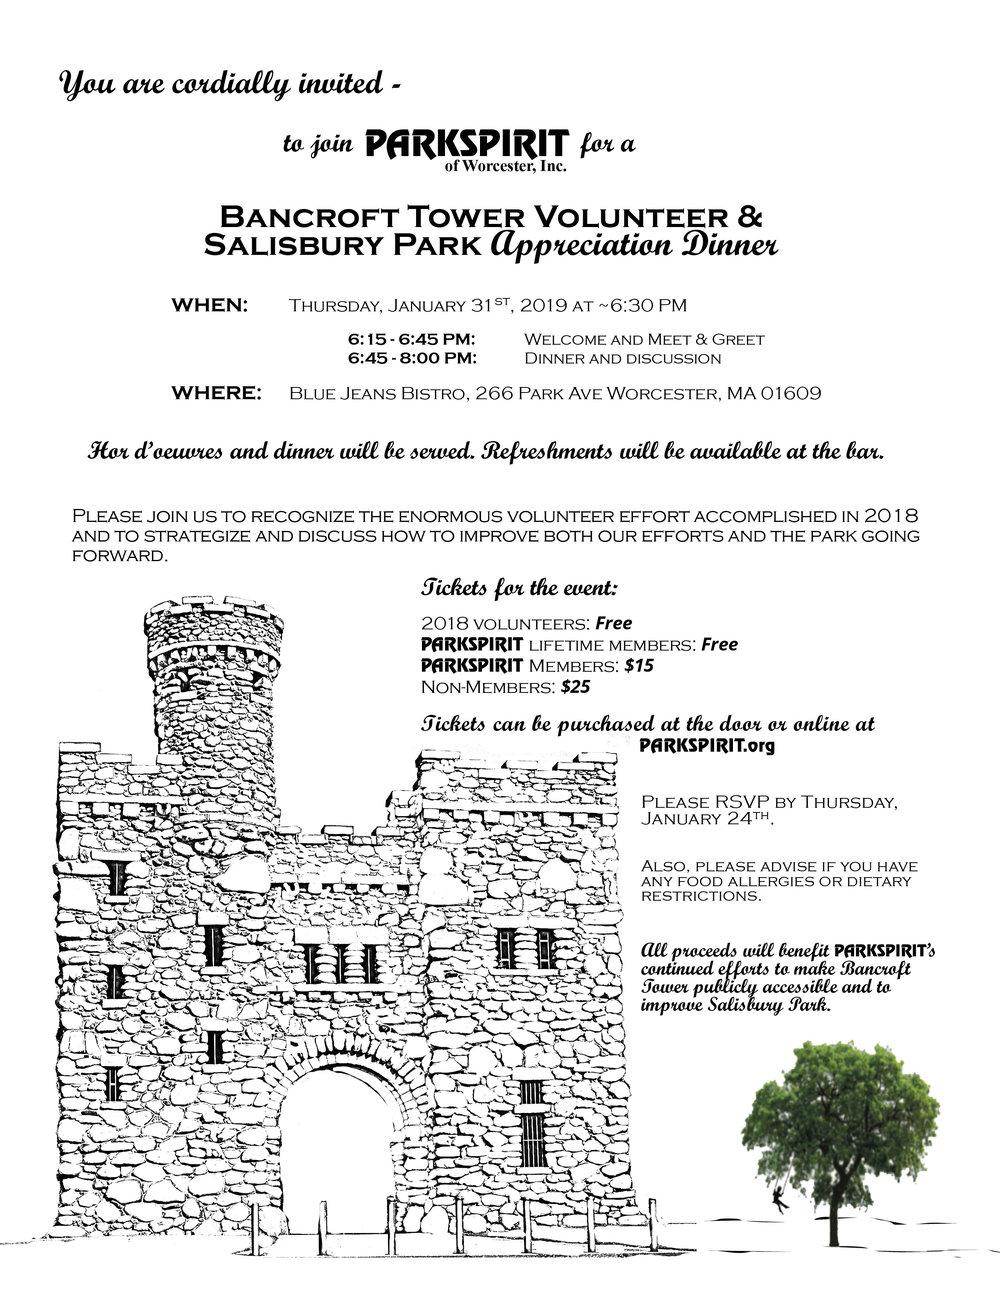 Bancroft Tower Volunteer & Park Appreciation Dinner Invitation 12262018.jpg